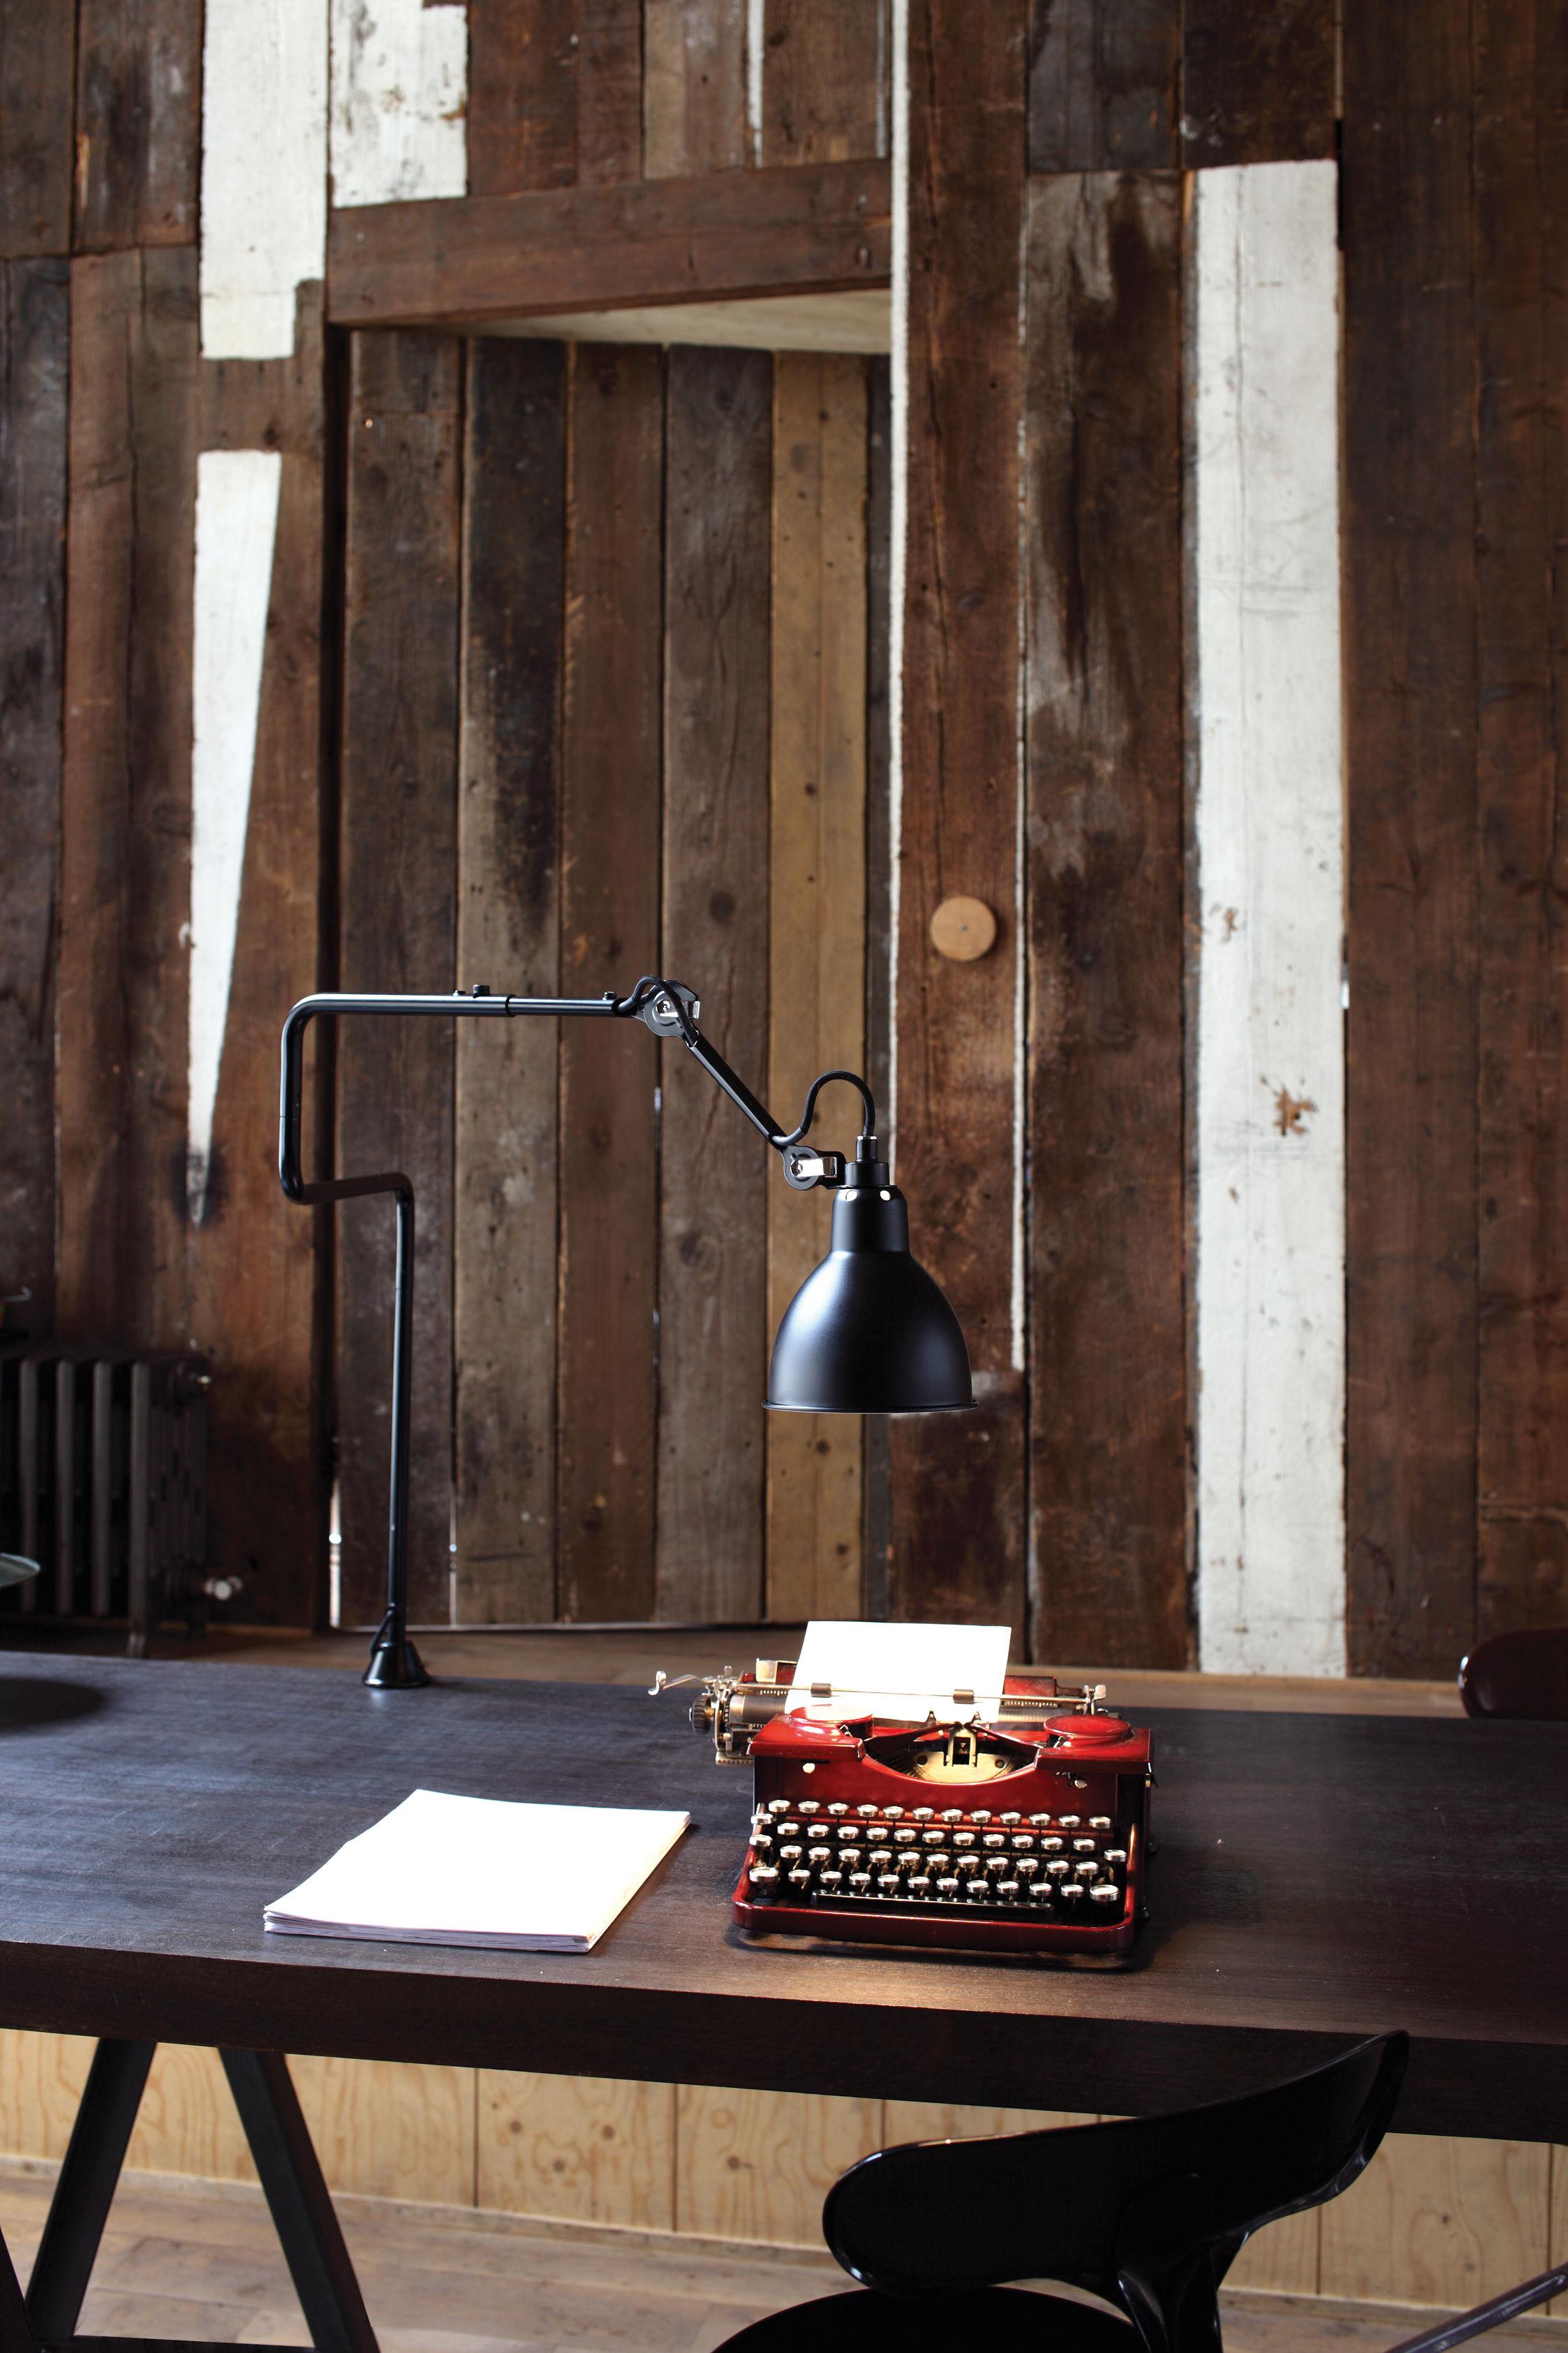 lampe de table n 211 311 lampe d 39 architecte base tau lampe gras abat jour noir. Black Bedroom Furniture Sets. Home Design Ideas